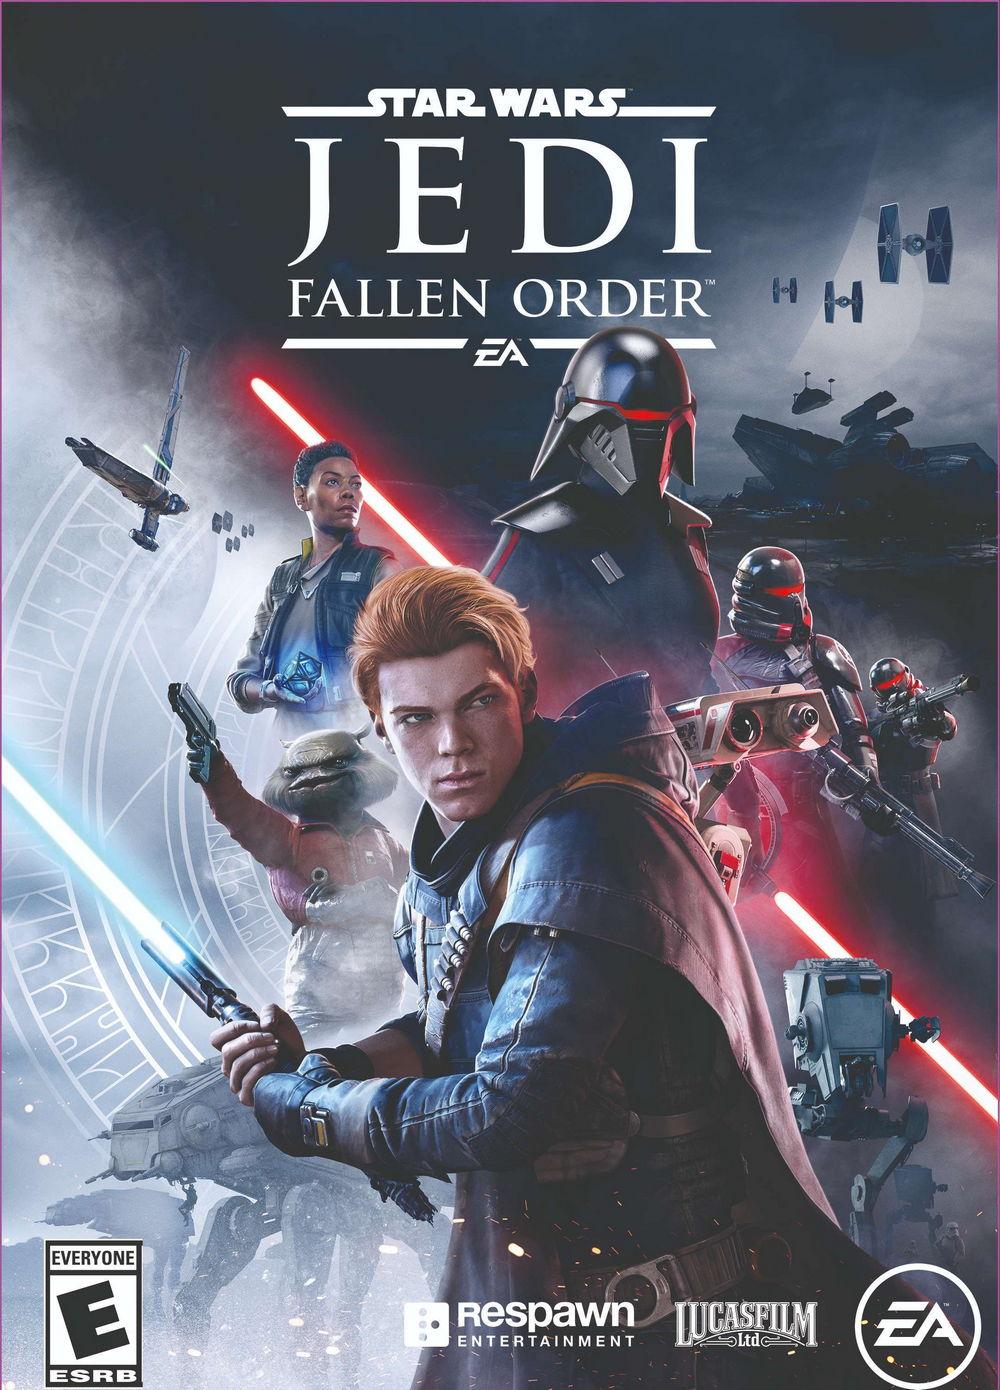 《星球大战绝地:陨落的武士团》标准版/豪华版游戏封面公布